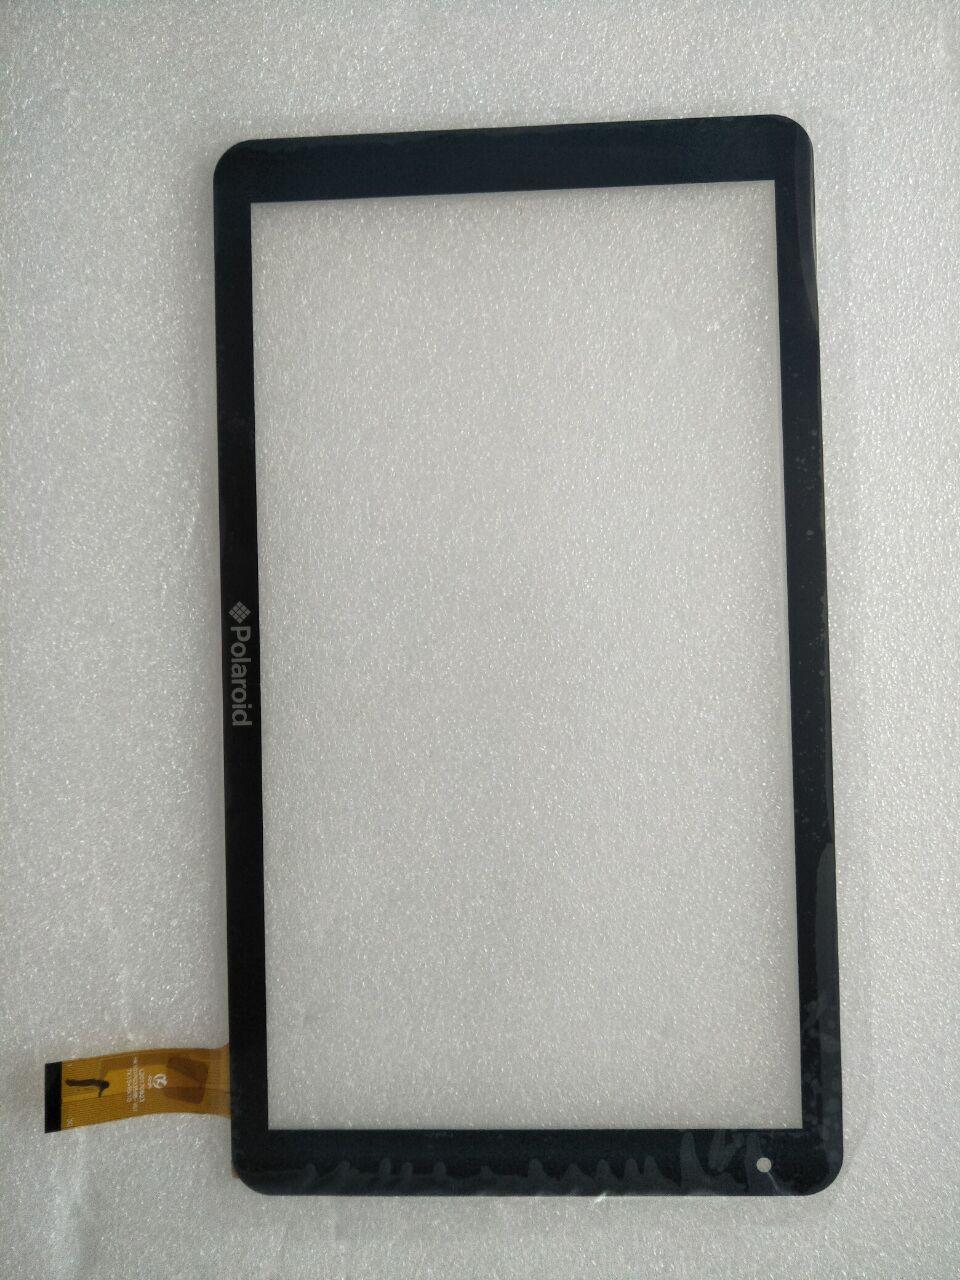 Tela de Toque Painel de Digitador de Vidro Hk101pg33588-v1 para Polaroid pc do Painel de Toque Nova Tablet Sensor L20211103 Hk101pg3358b-v01